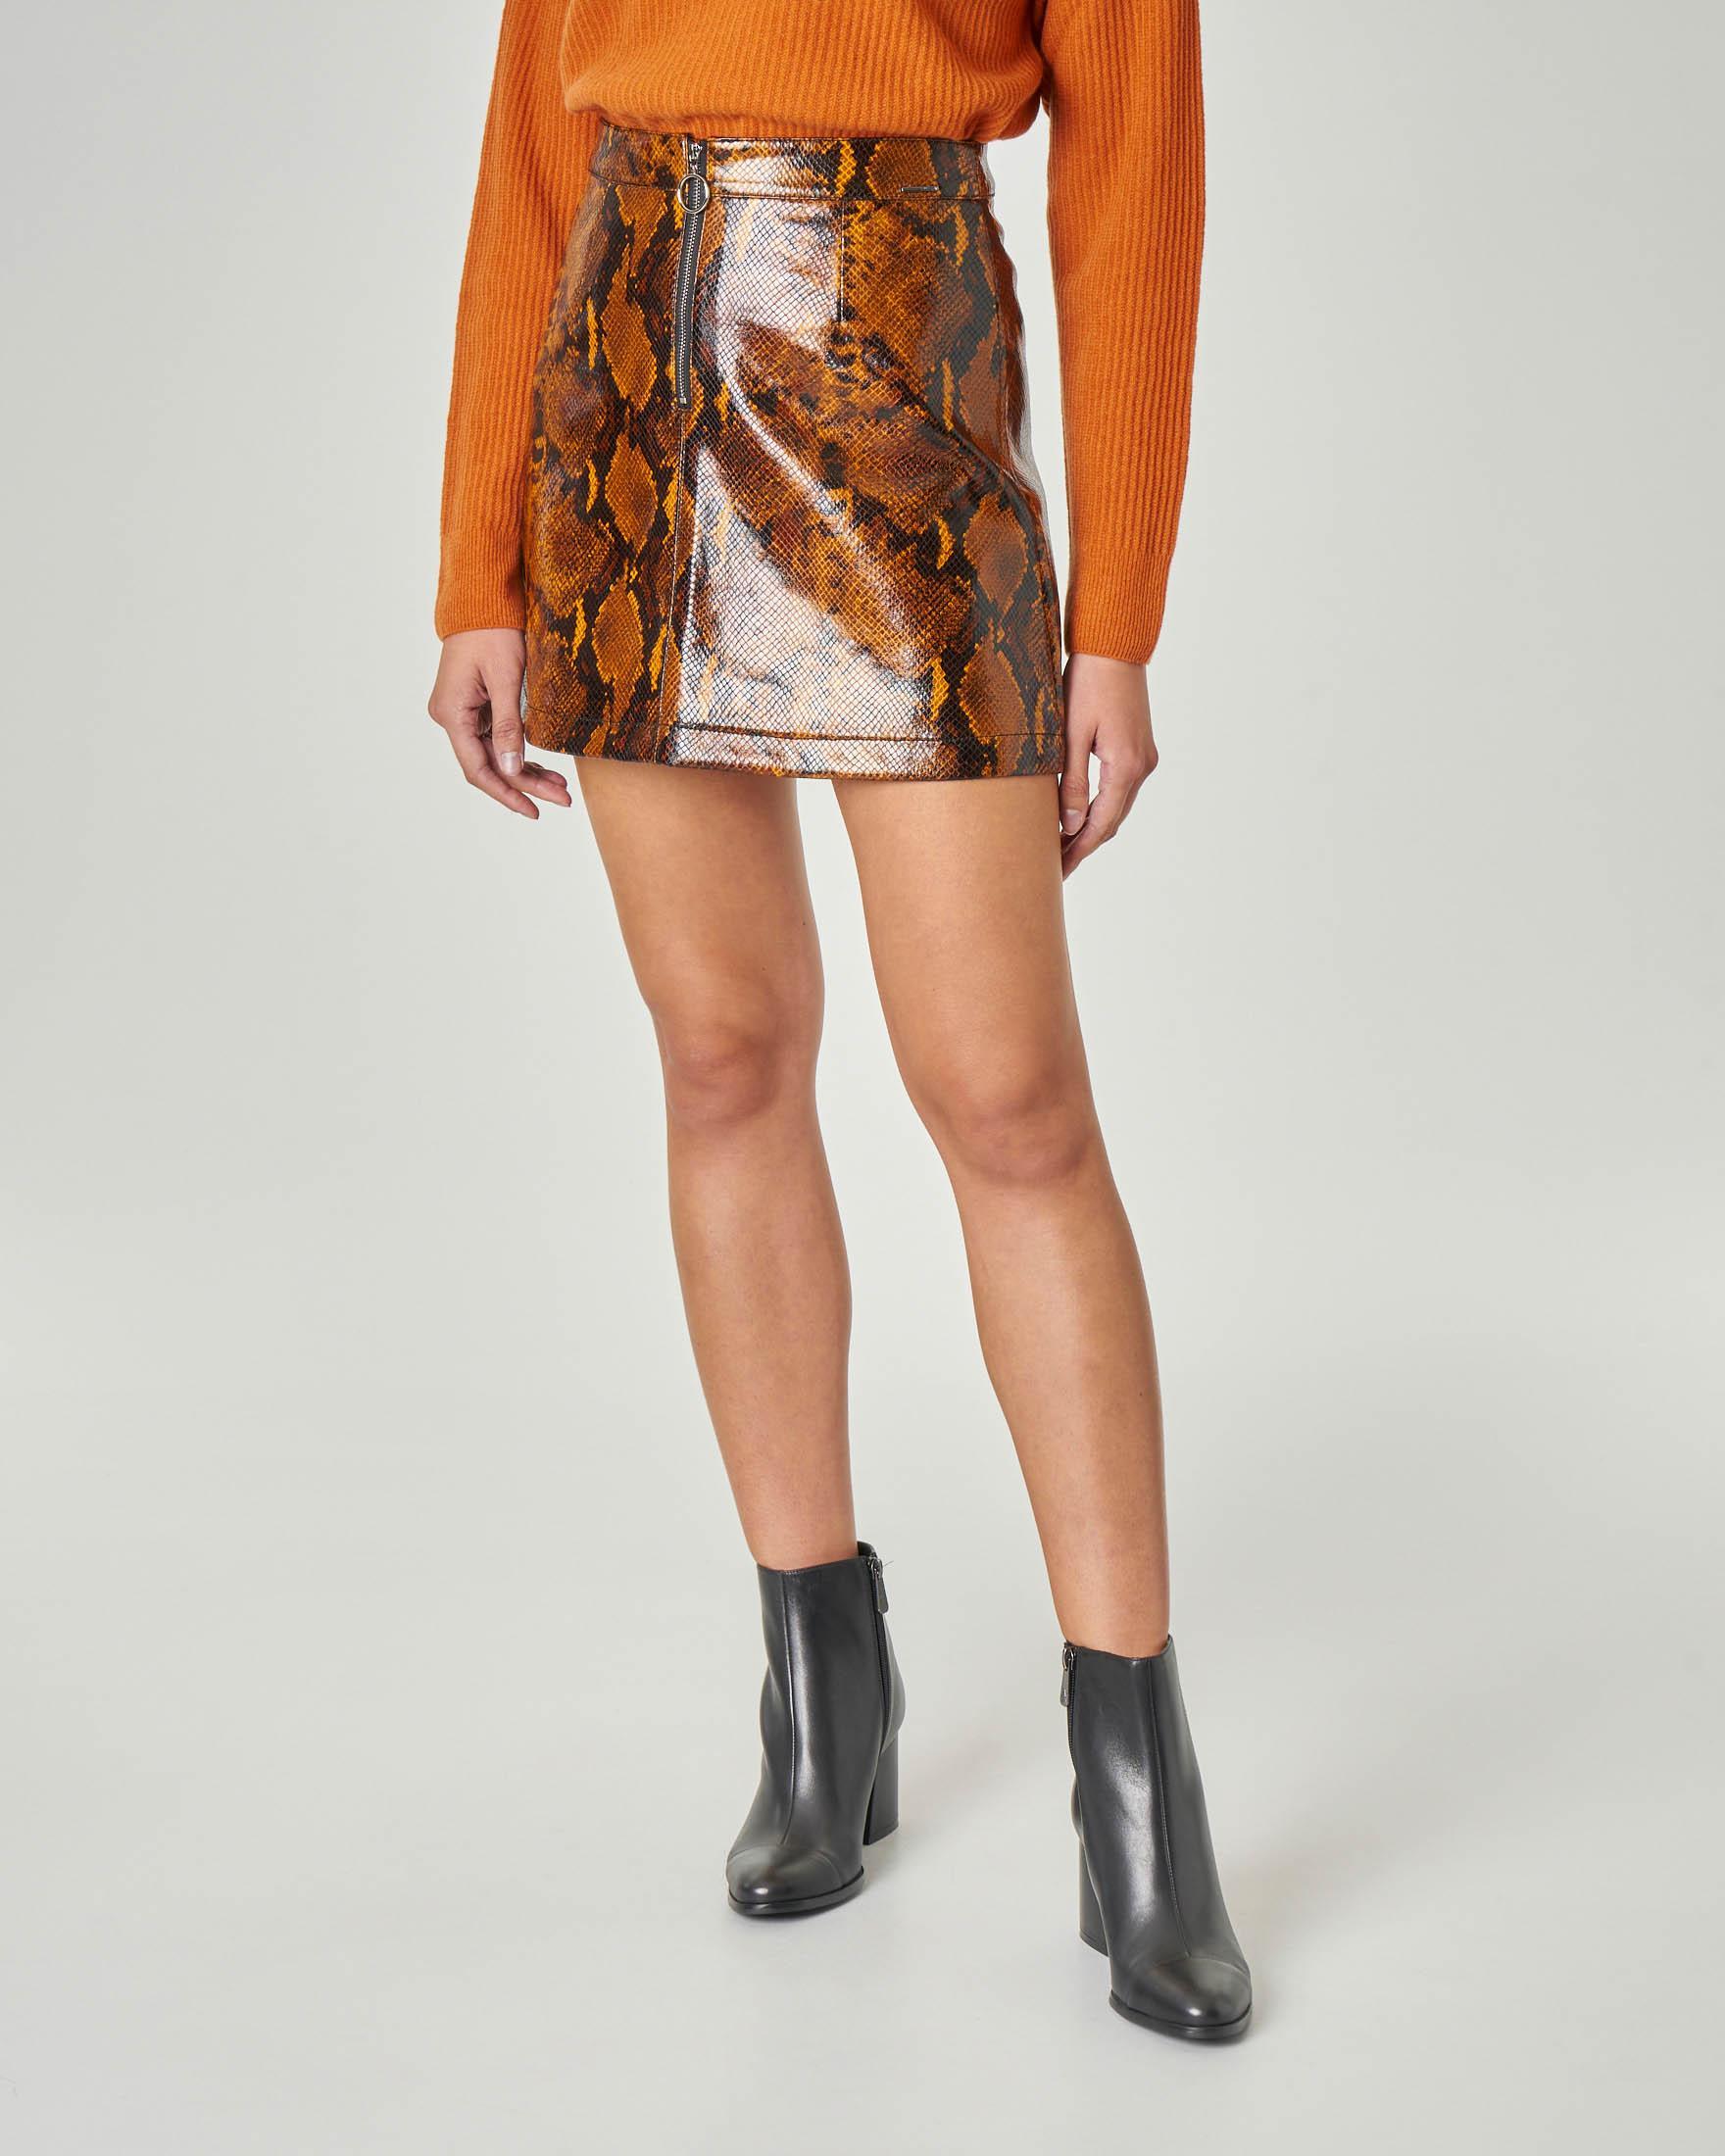 Minigonna svasata con cintura centrale a stampa pitonata arancione e nero